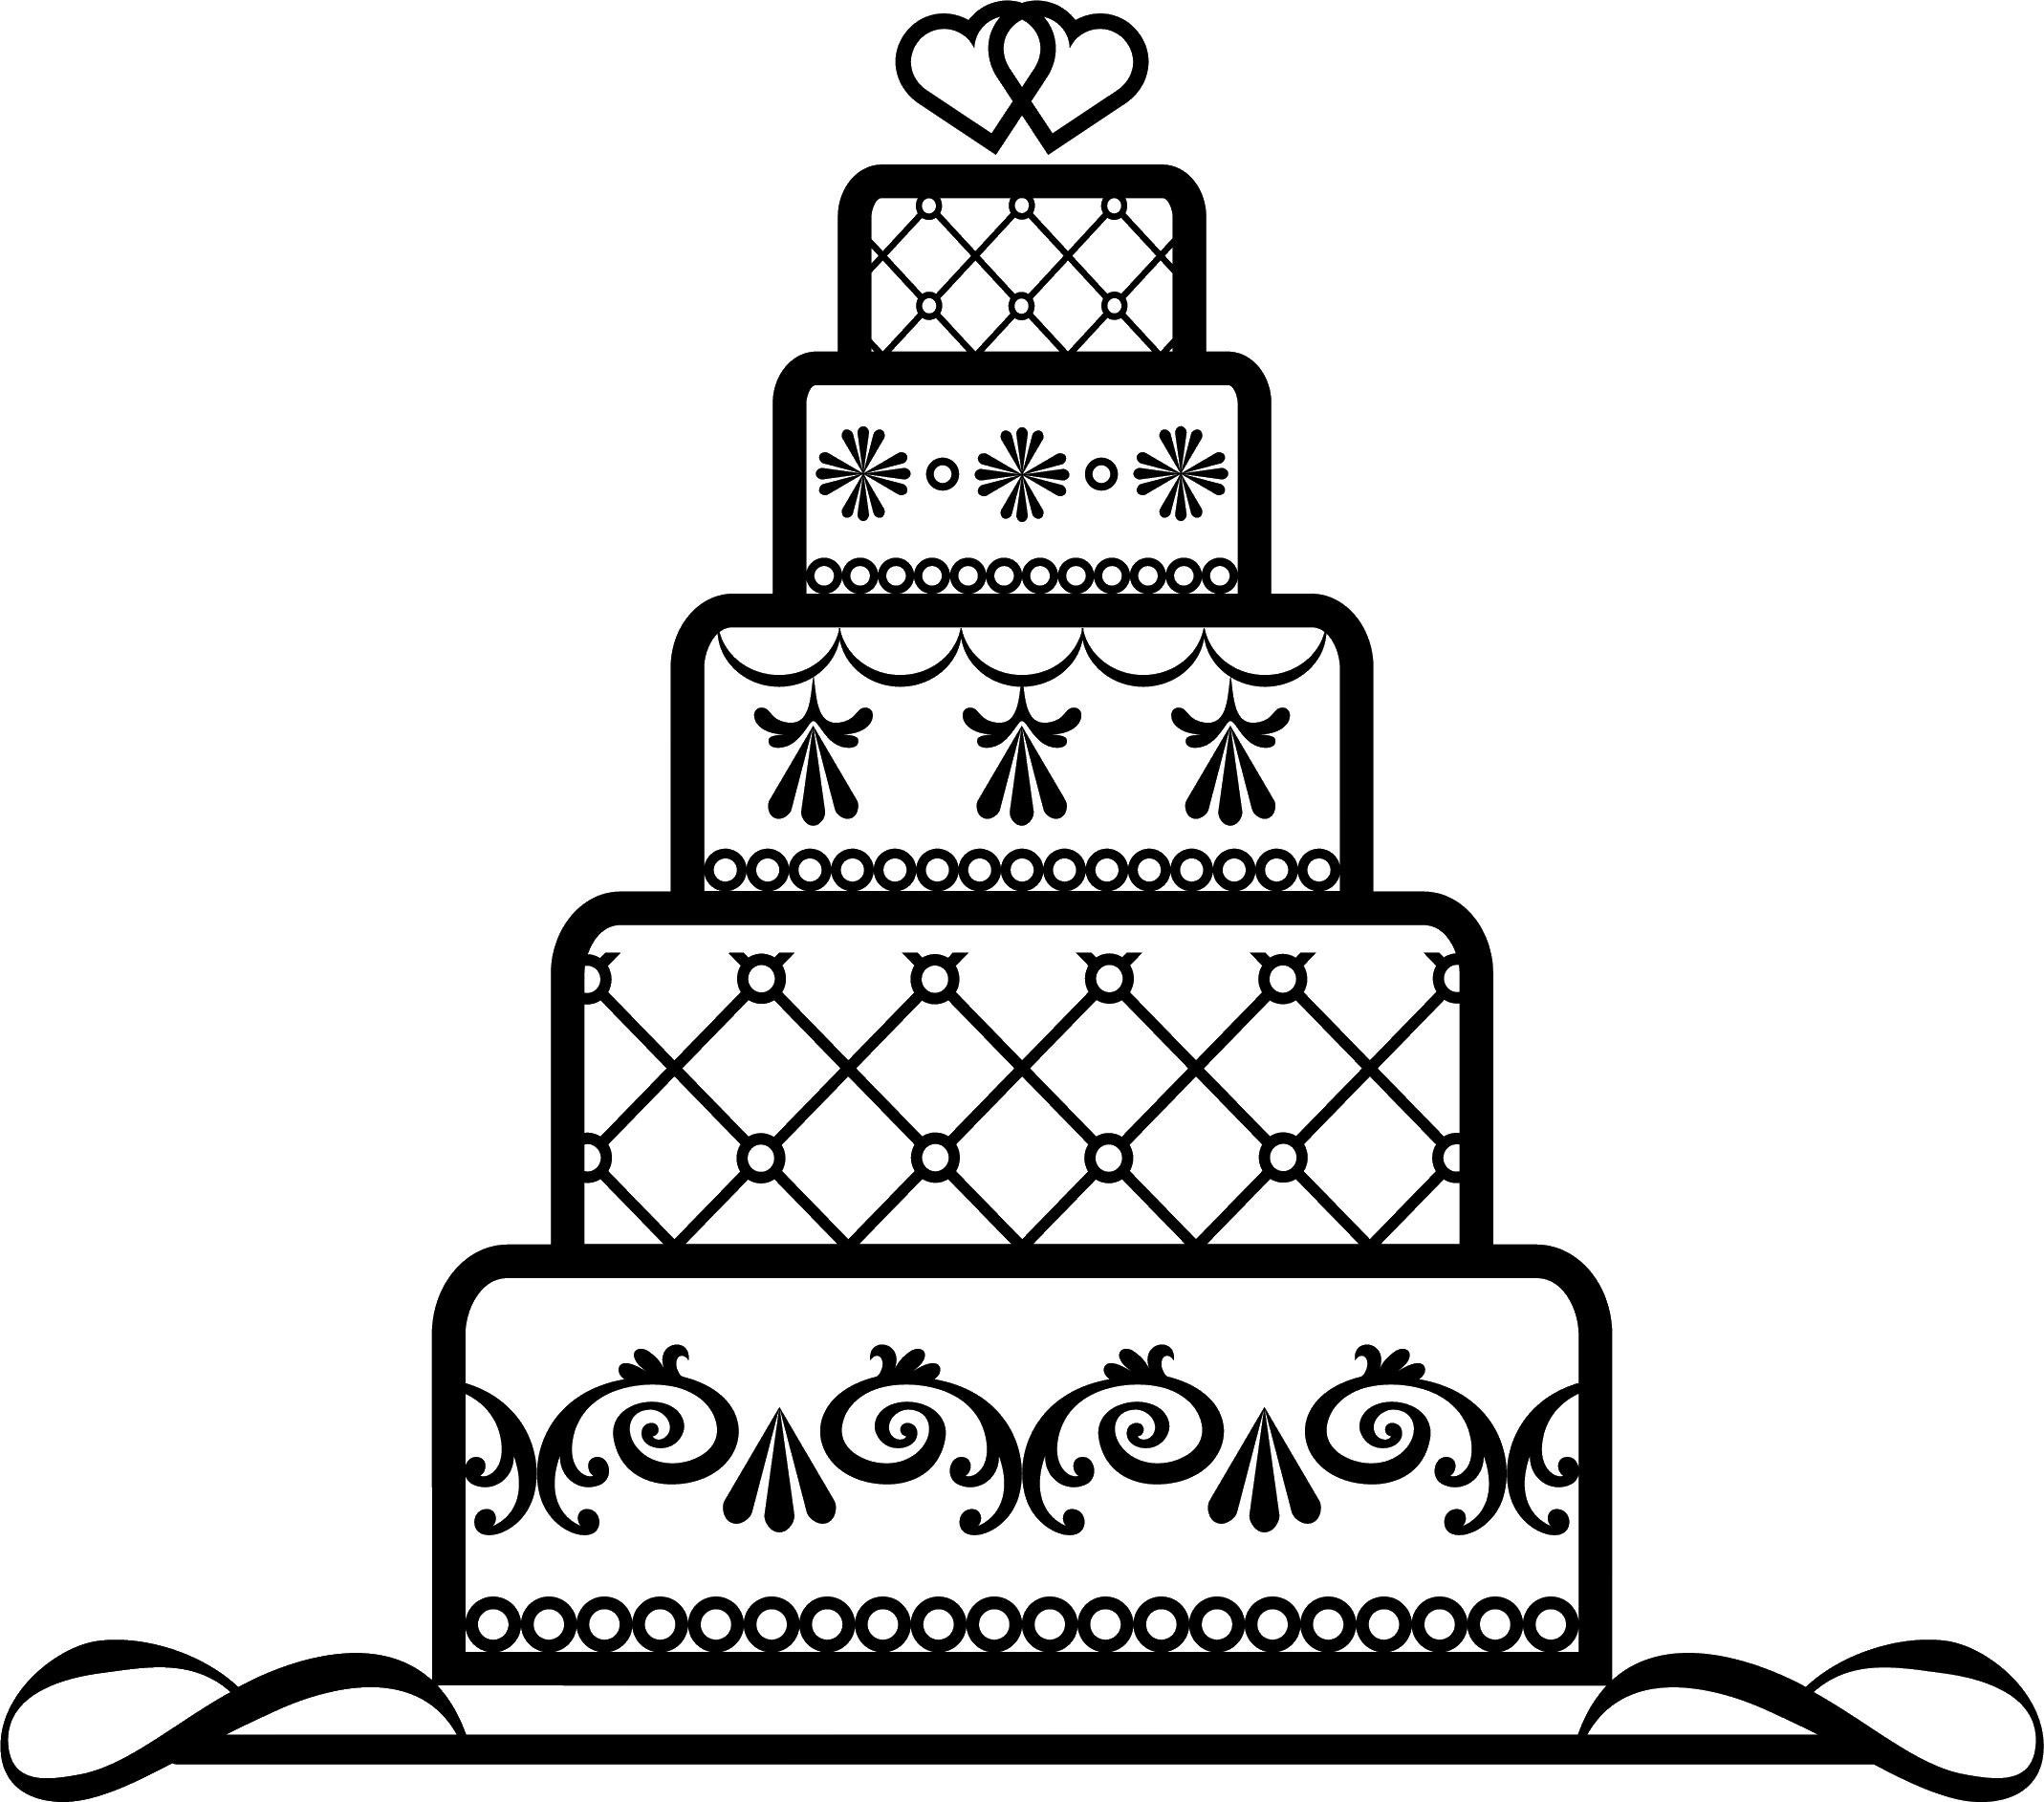 寄せ書きデザイン - イラスト素材「バースデーケーキ-白黒」